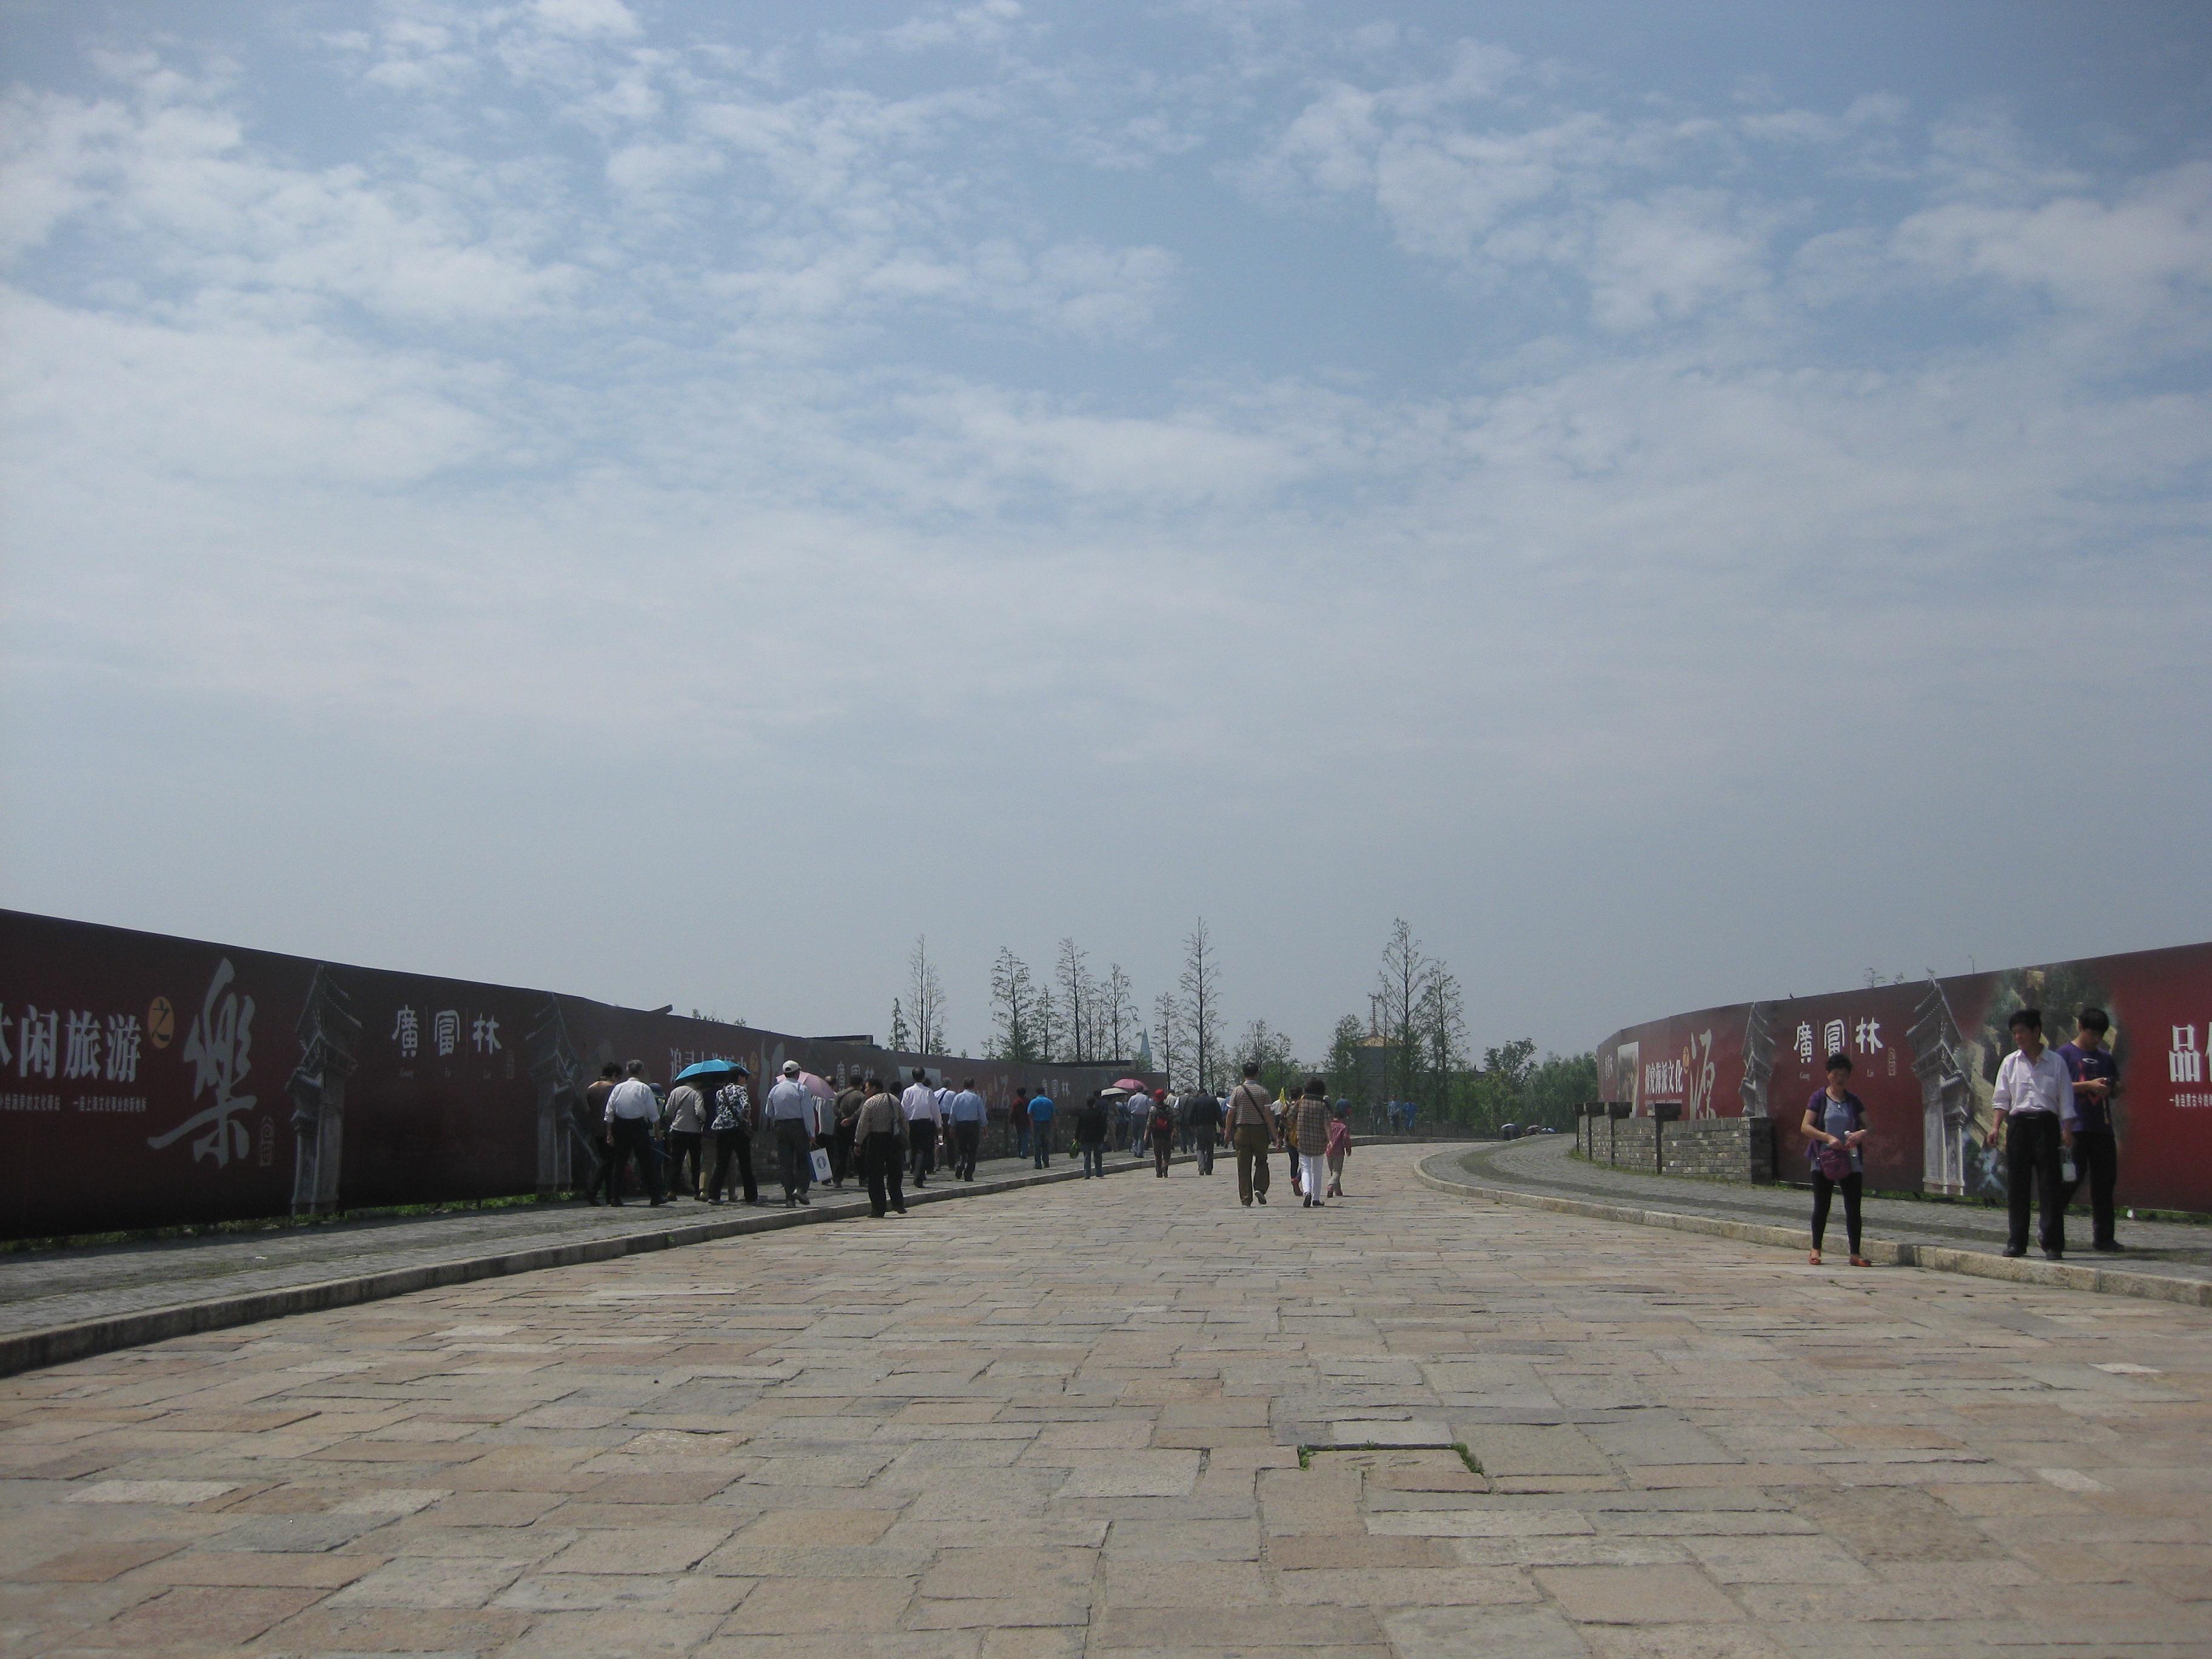 松江香薇玫瑰庄园,佘山,广富林遗址,泰晤士小镇两日游图片